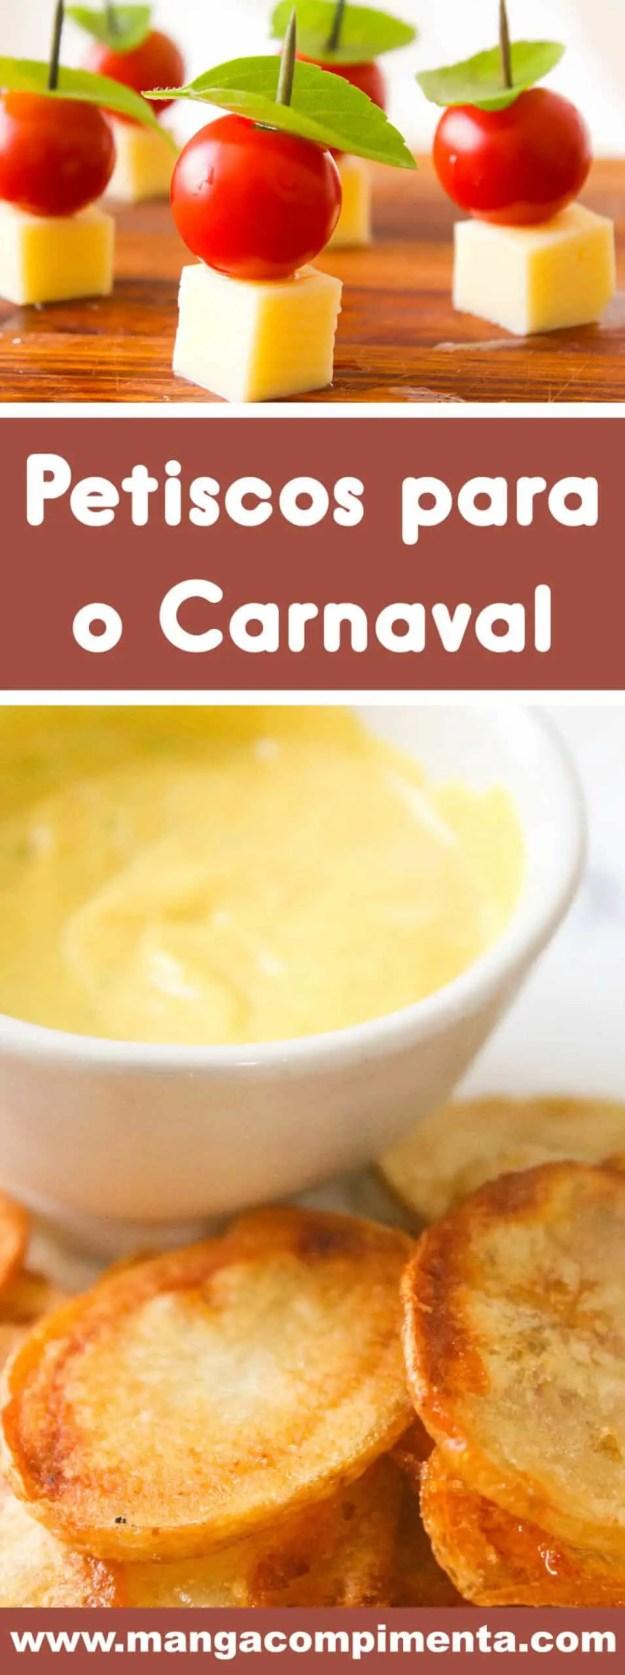 20 Receitas de Petiscos para o Carnaval - cozinha combina com samba no pé, prepare e chame os amigos para essa folia!